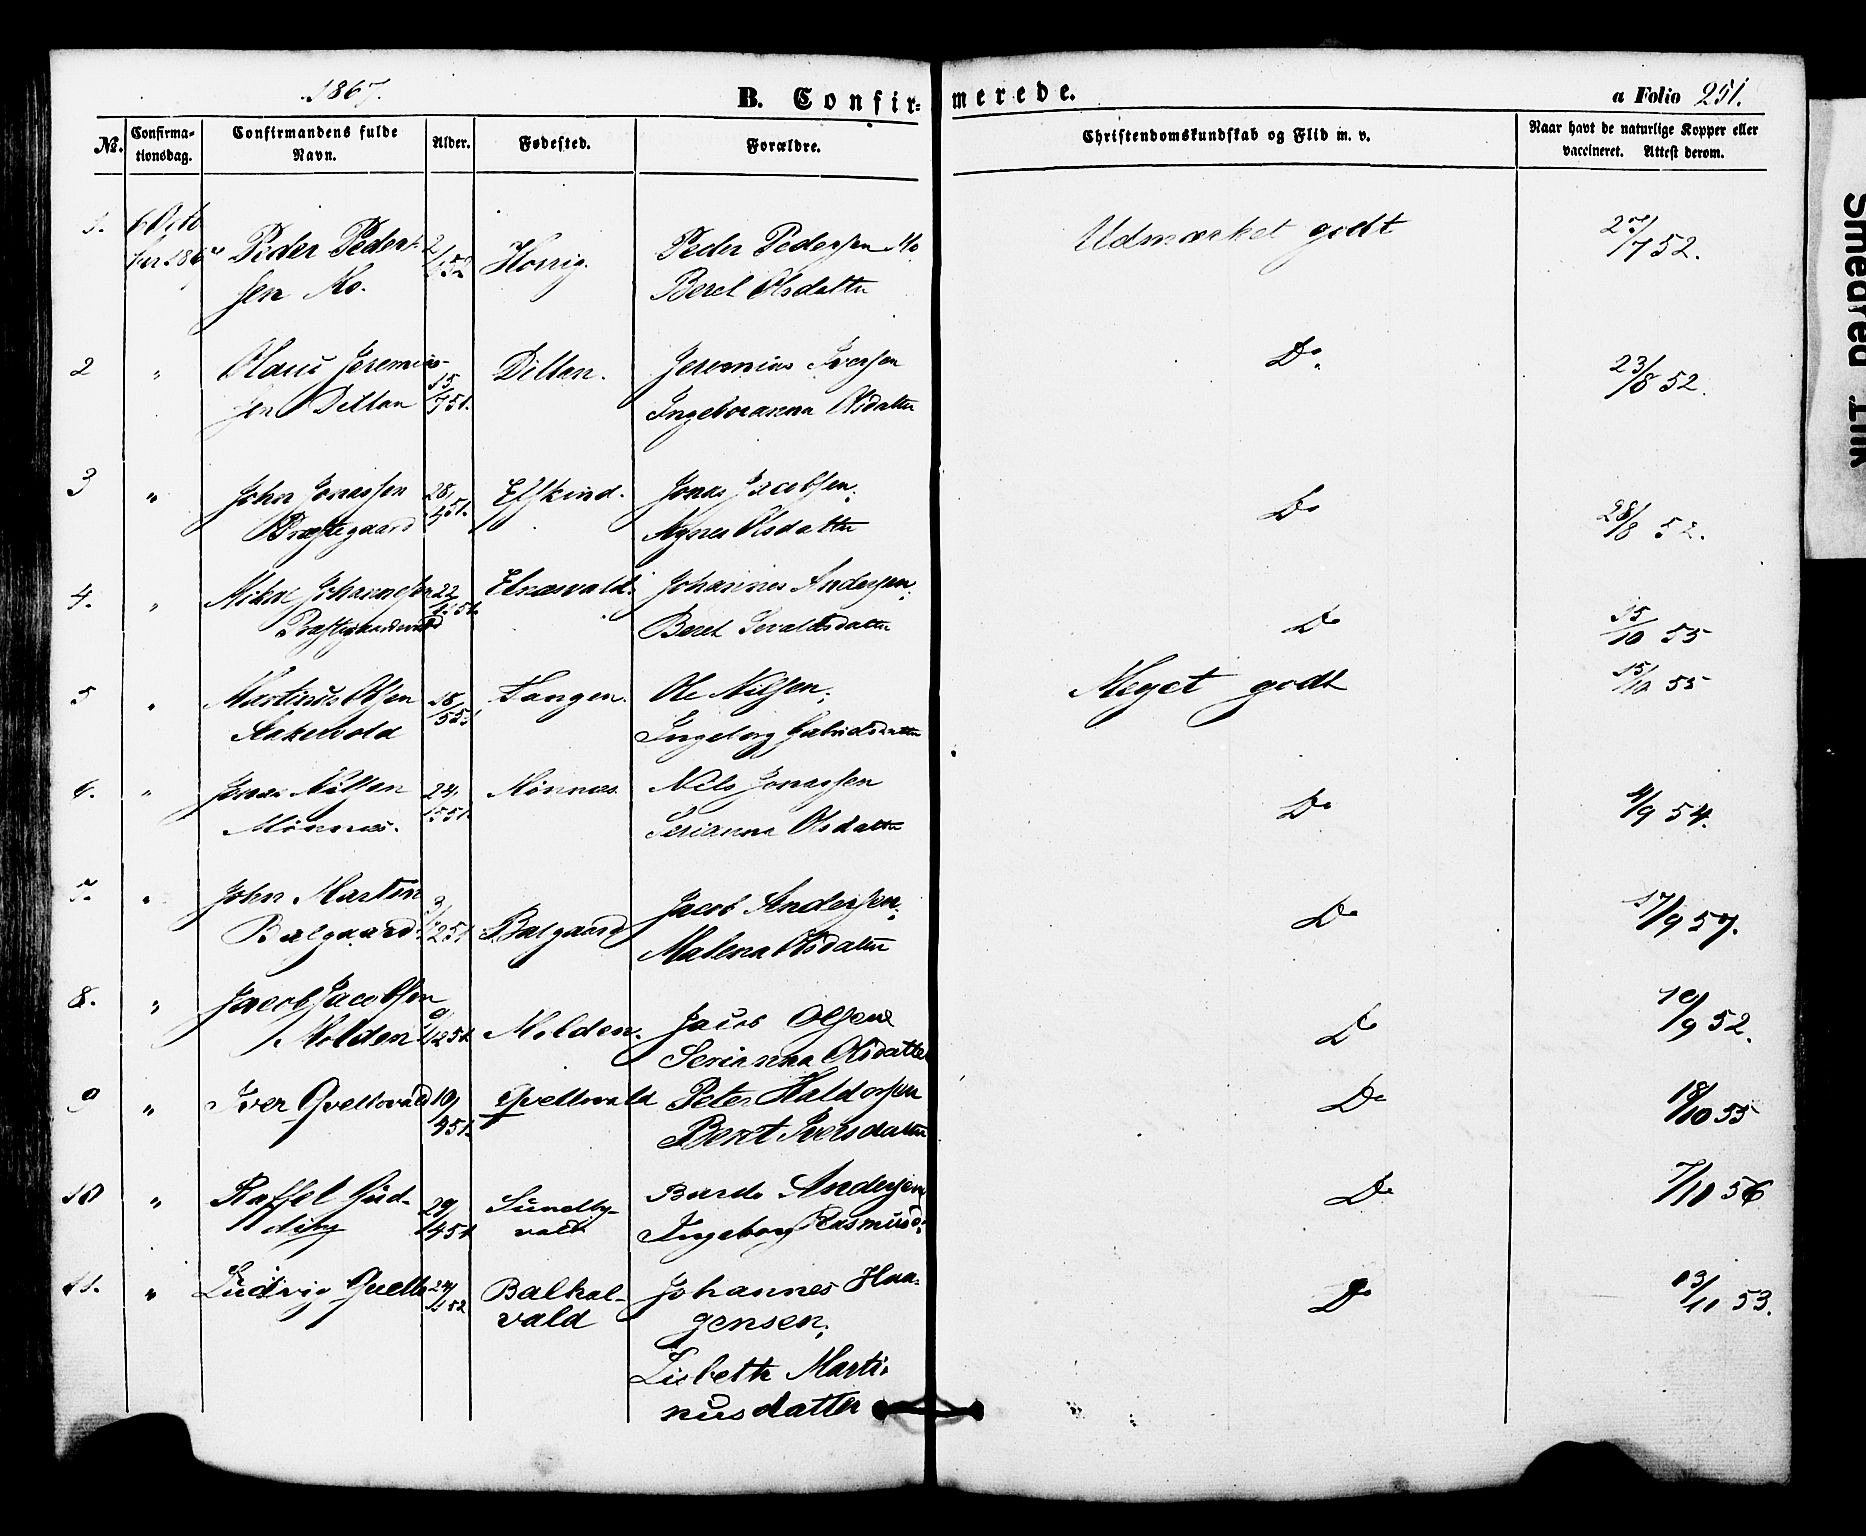 SAT, Ministerialprotokoller, klokkerbøker og fødselsregistre - Nord-Trøndelag, 724/L0268: Klokkerbok nr. 724C04, 1846-1878, s. 251